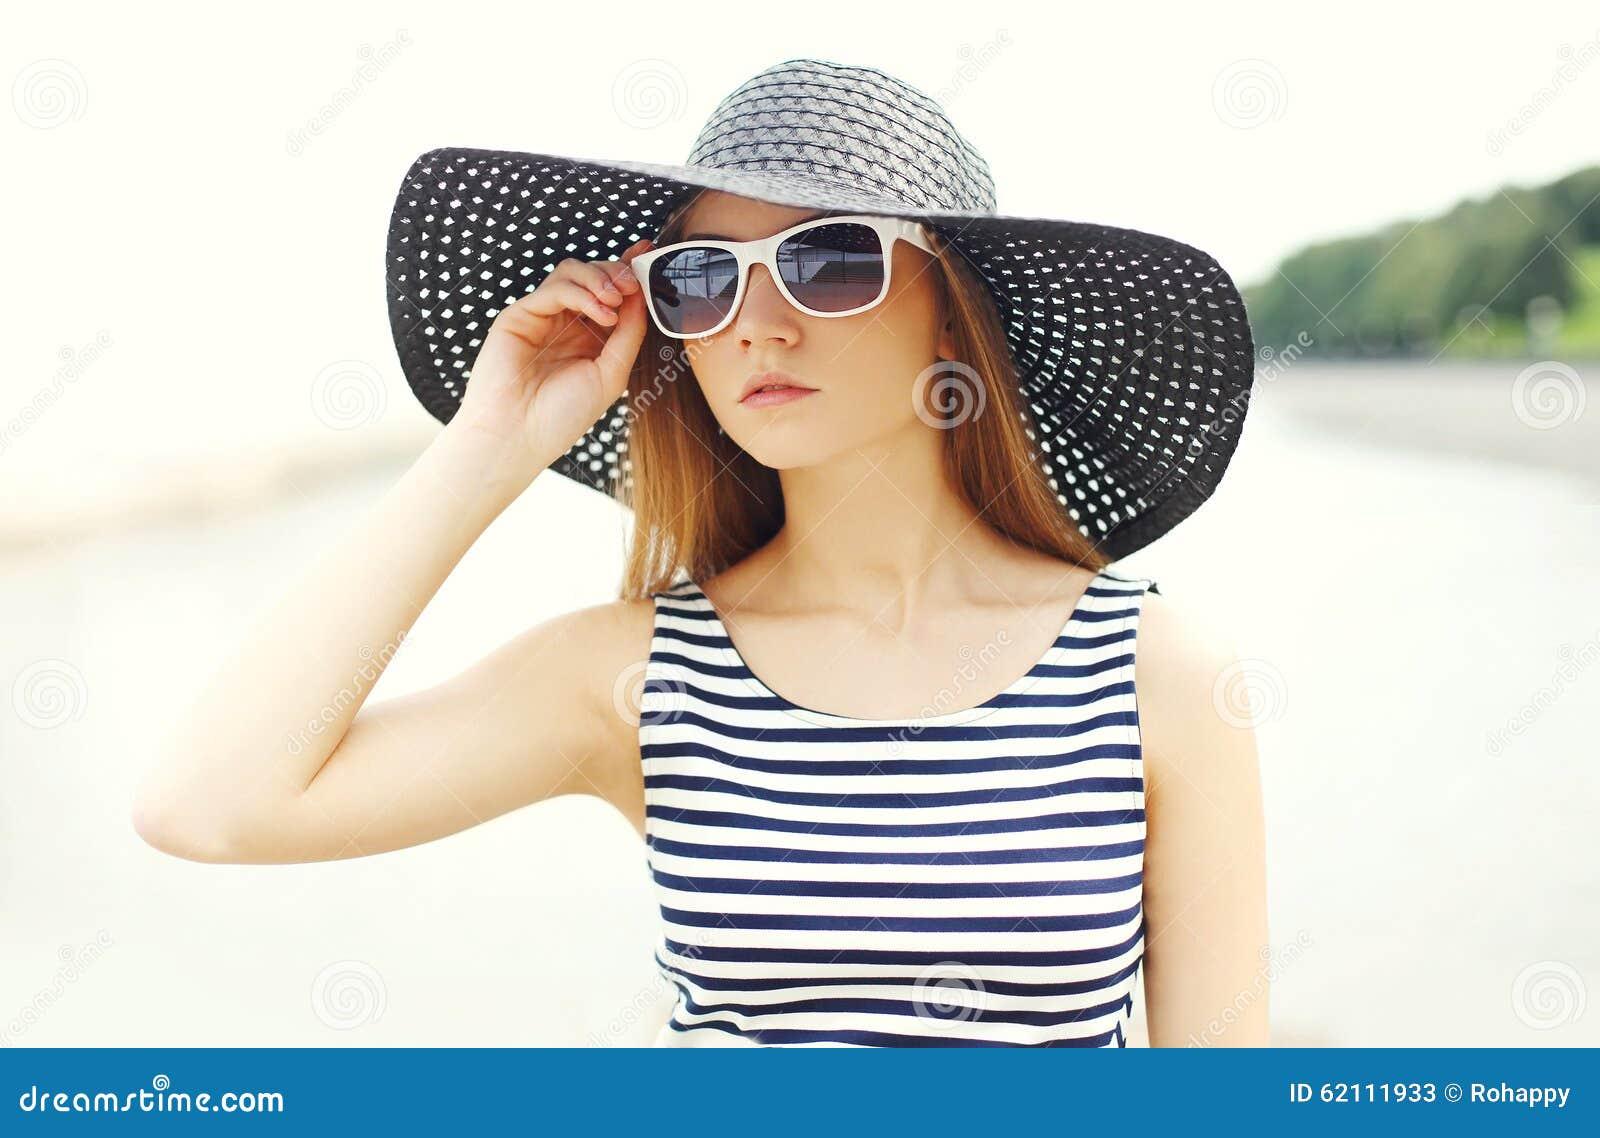 a00bb0bac0cc Bella Giovane Donna Che Indossa Un Vestito A Strisce